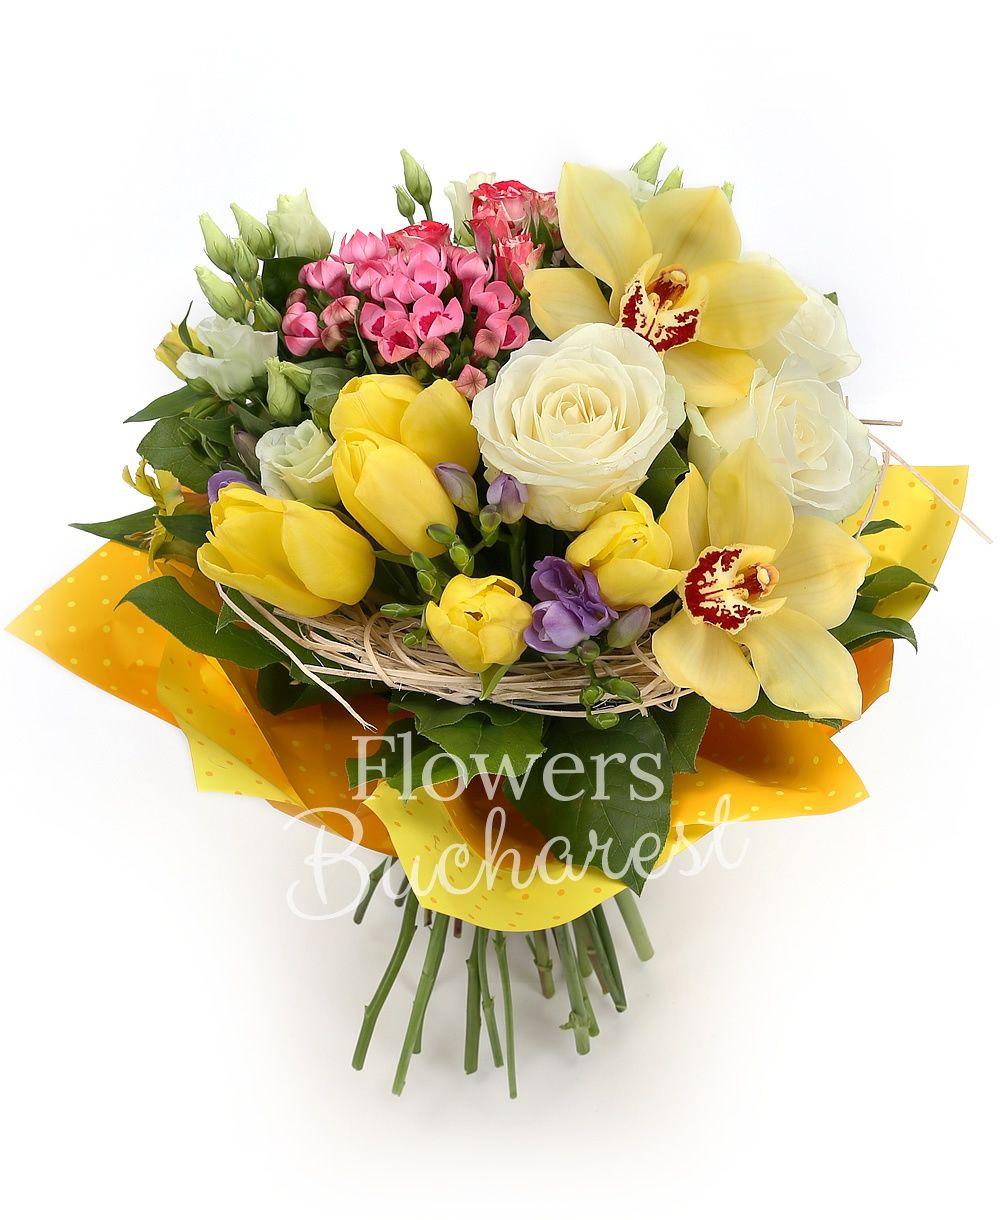 3 white roses, 3 bouvardia, 5 white lisianthus, 3 alstroemeria, 5 purple freesias, 3 pink miniroses, 5 yellow tulips, greenery